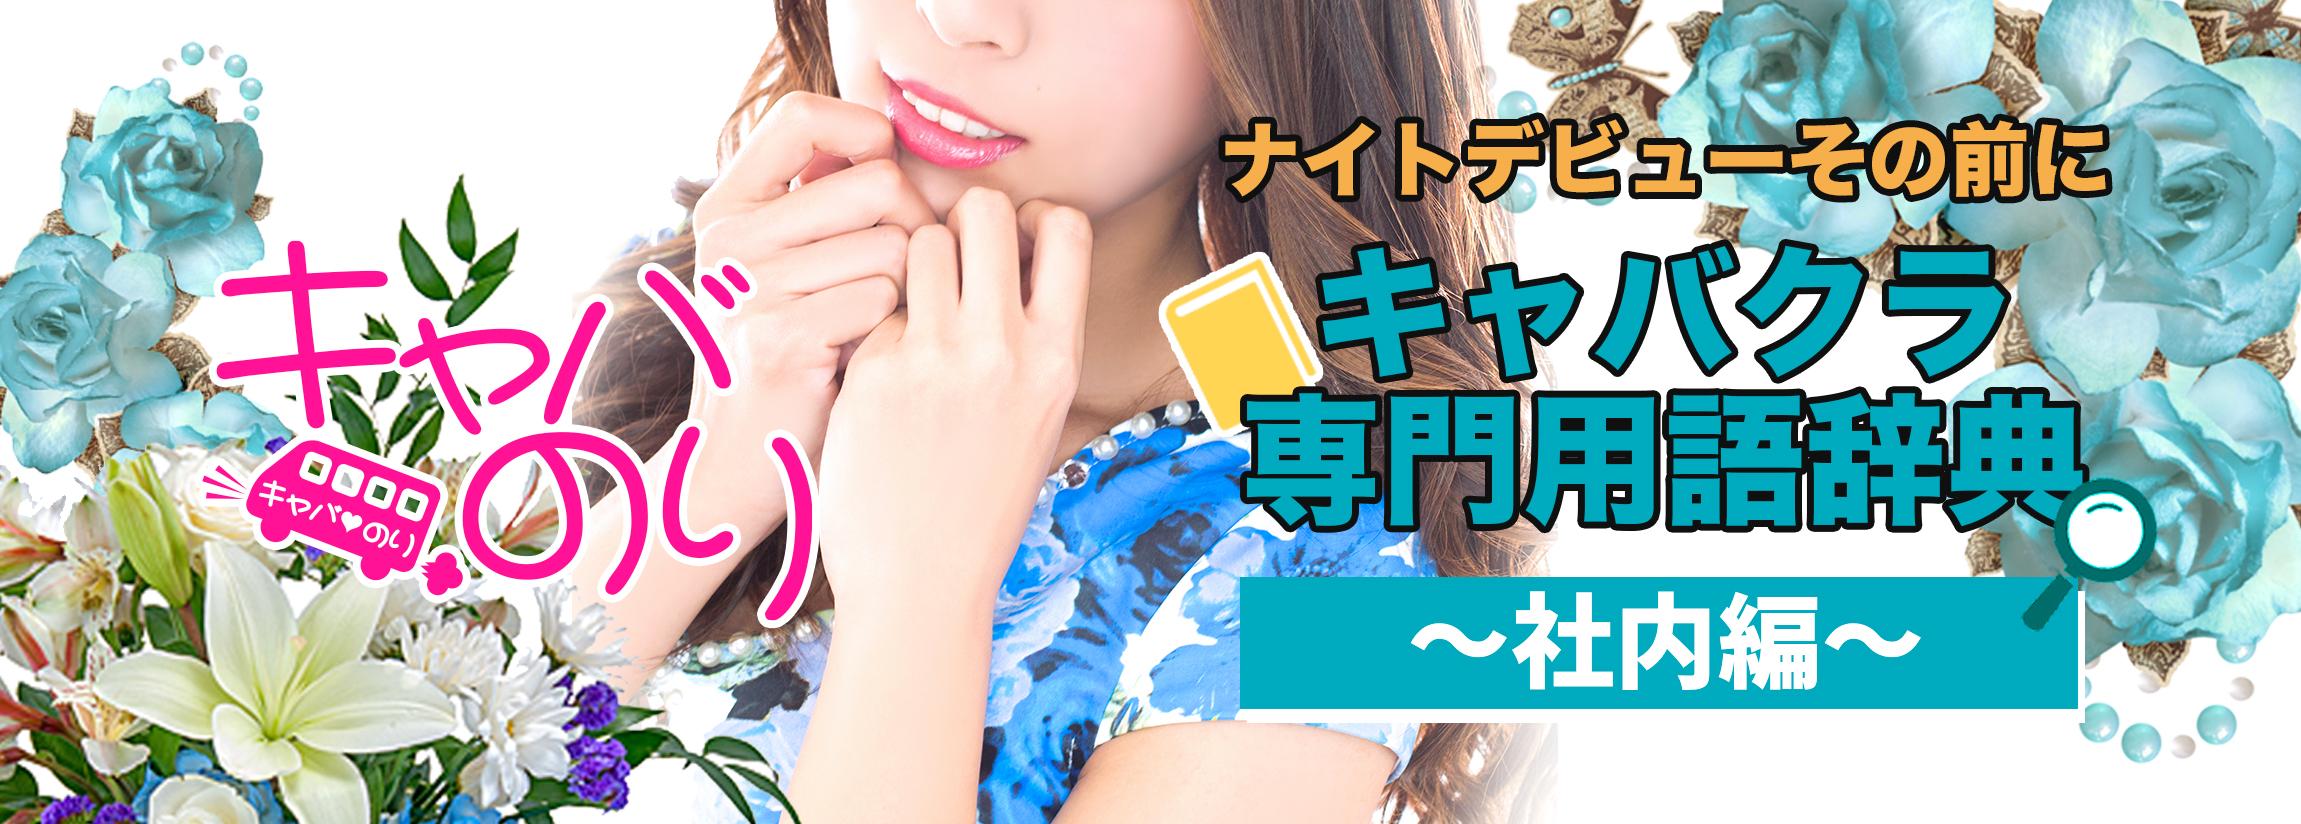 【覚えて安心♪】キャバクラ専門用語辞典〜社内編〜【ナイトデビュー】